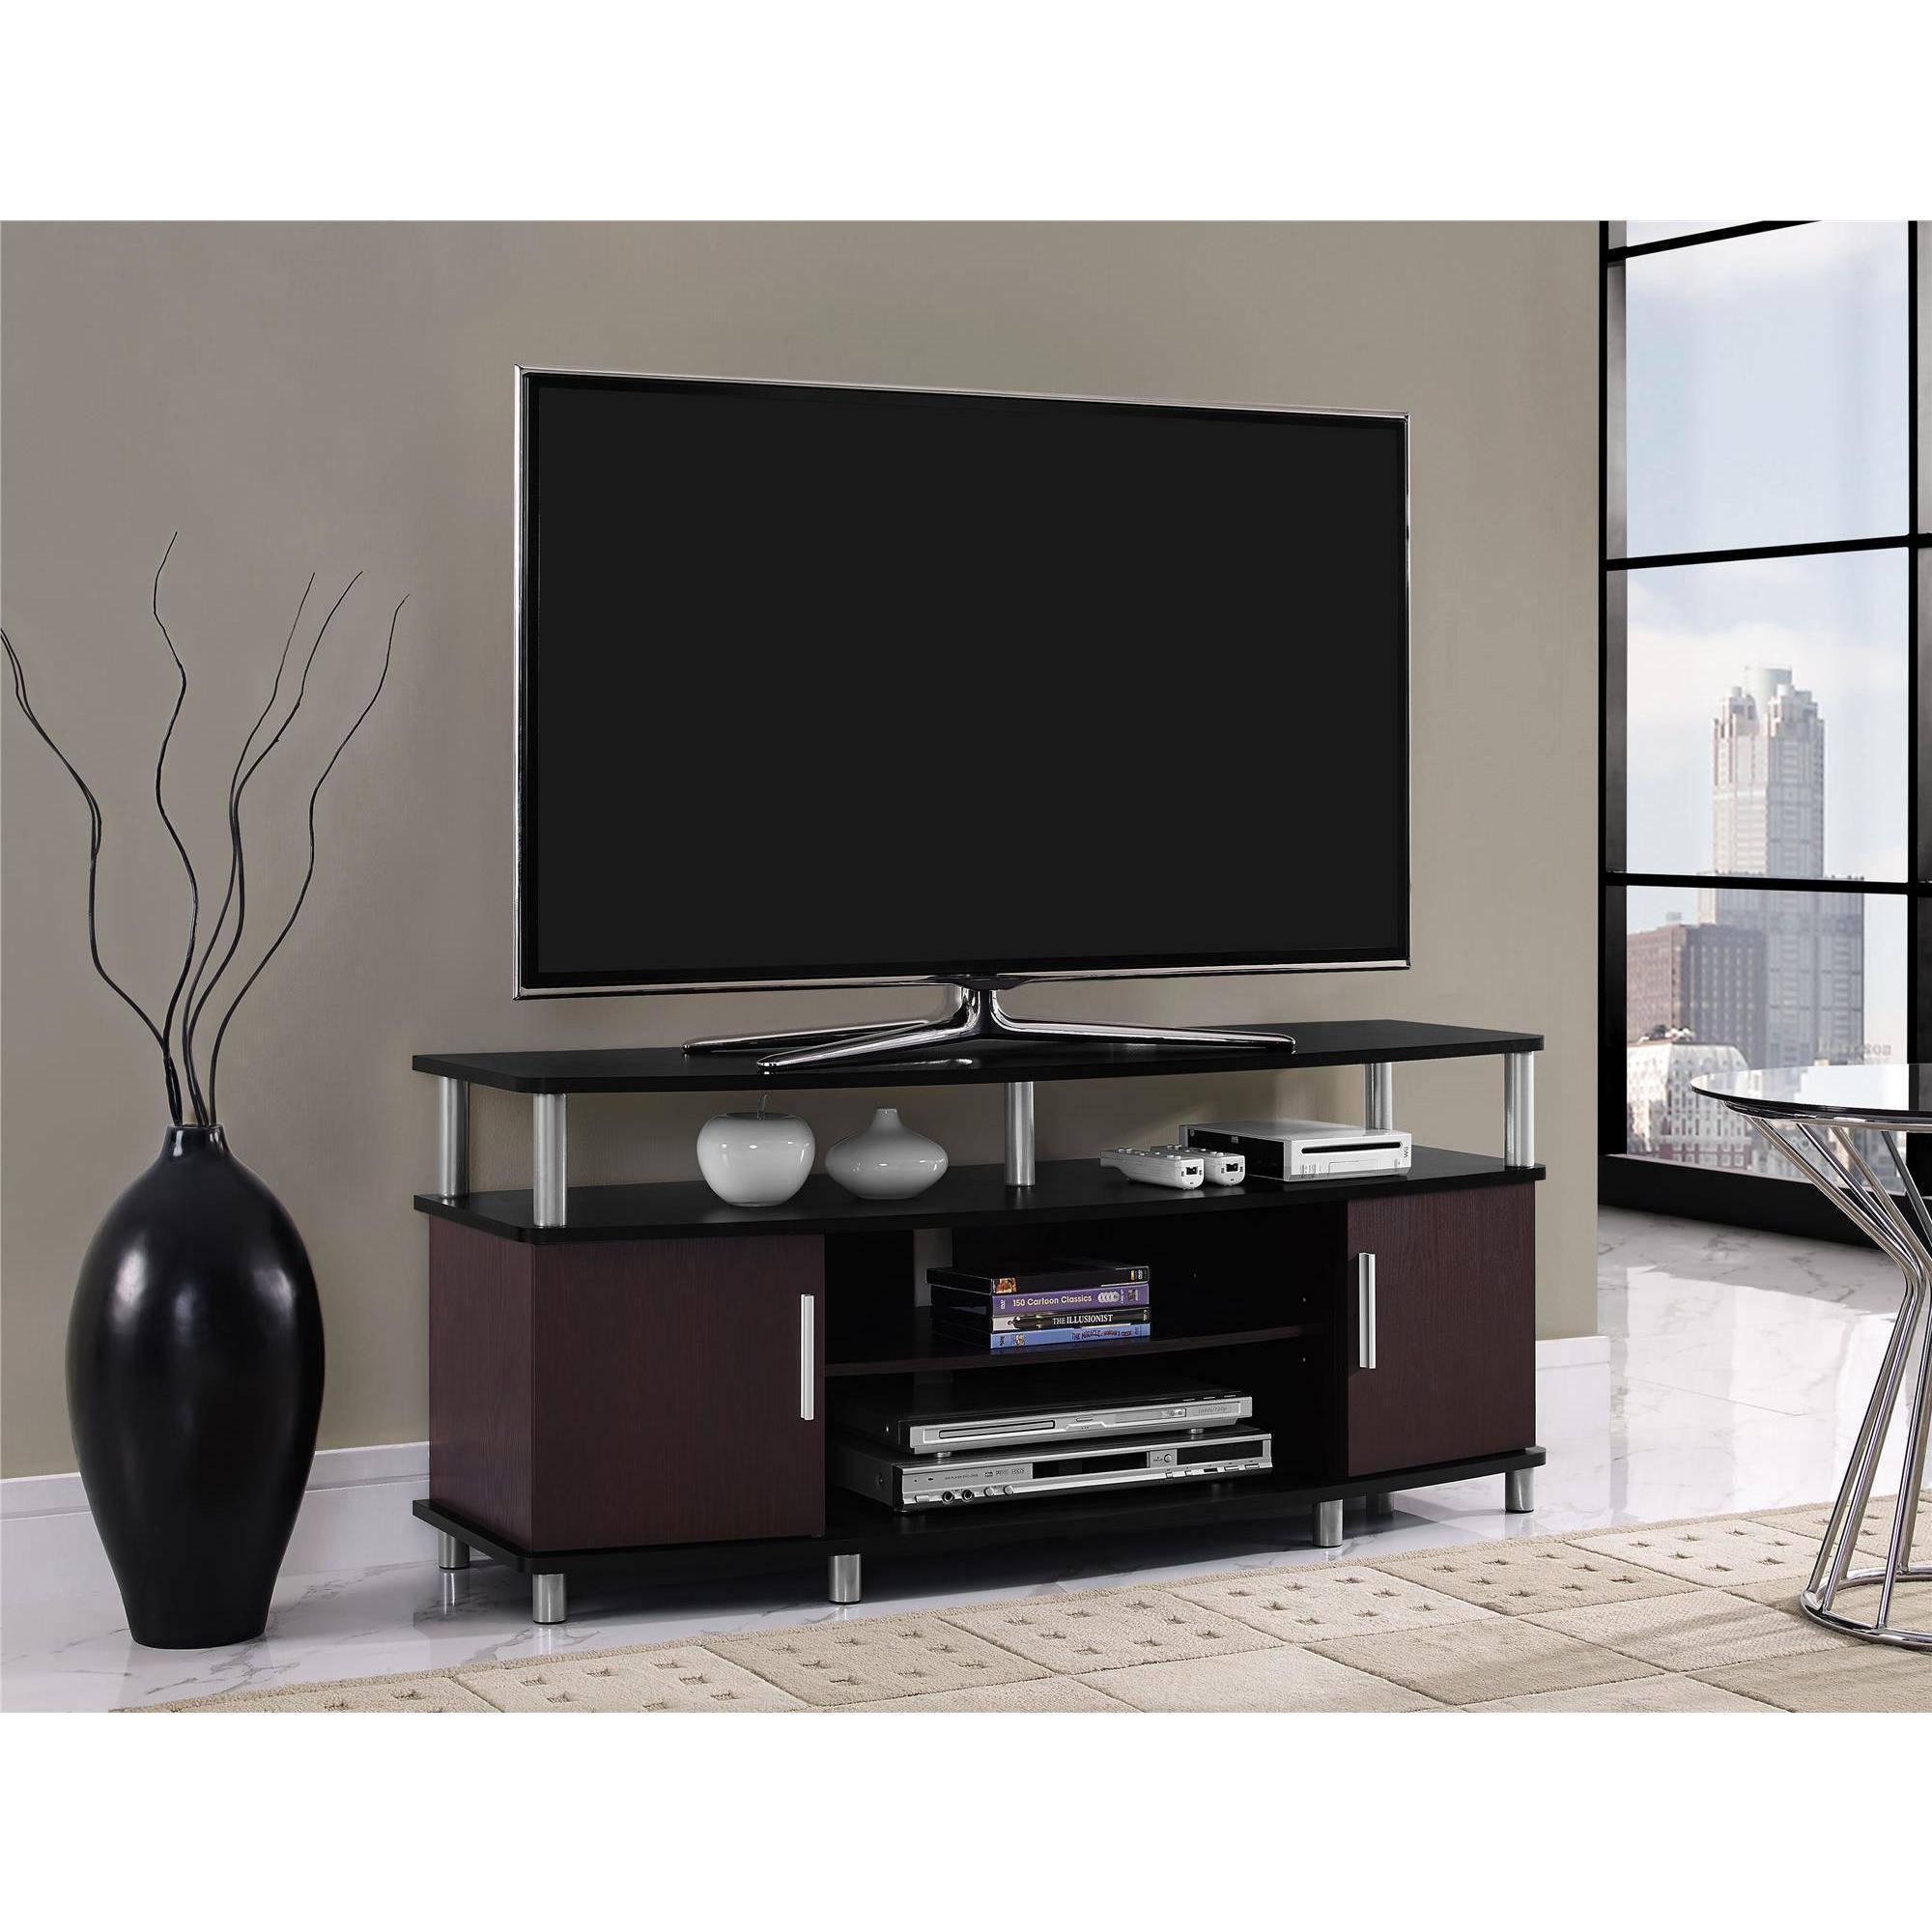 Modern Flat Screen Tv Stands, Wood Flat Screen Tv Stands : Flat Inside Unique Tv Stands For Flat Screens (View 15 of 15)